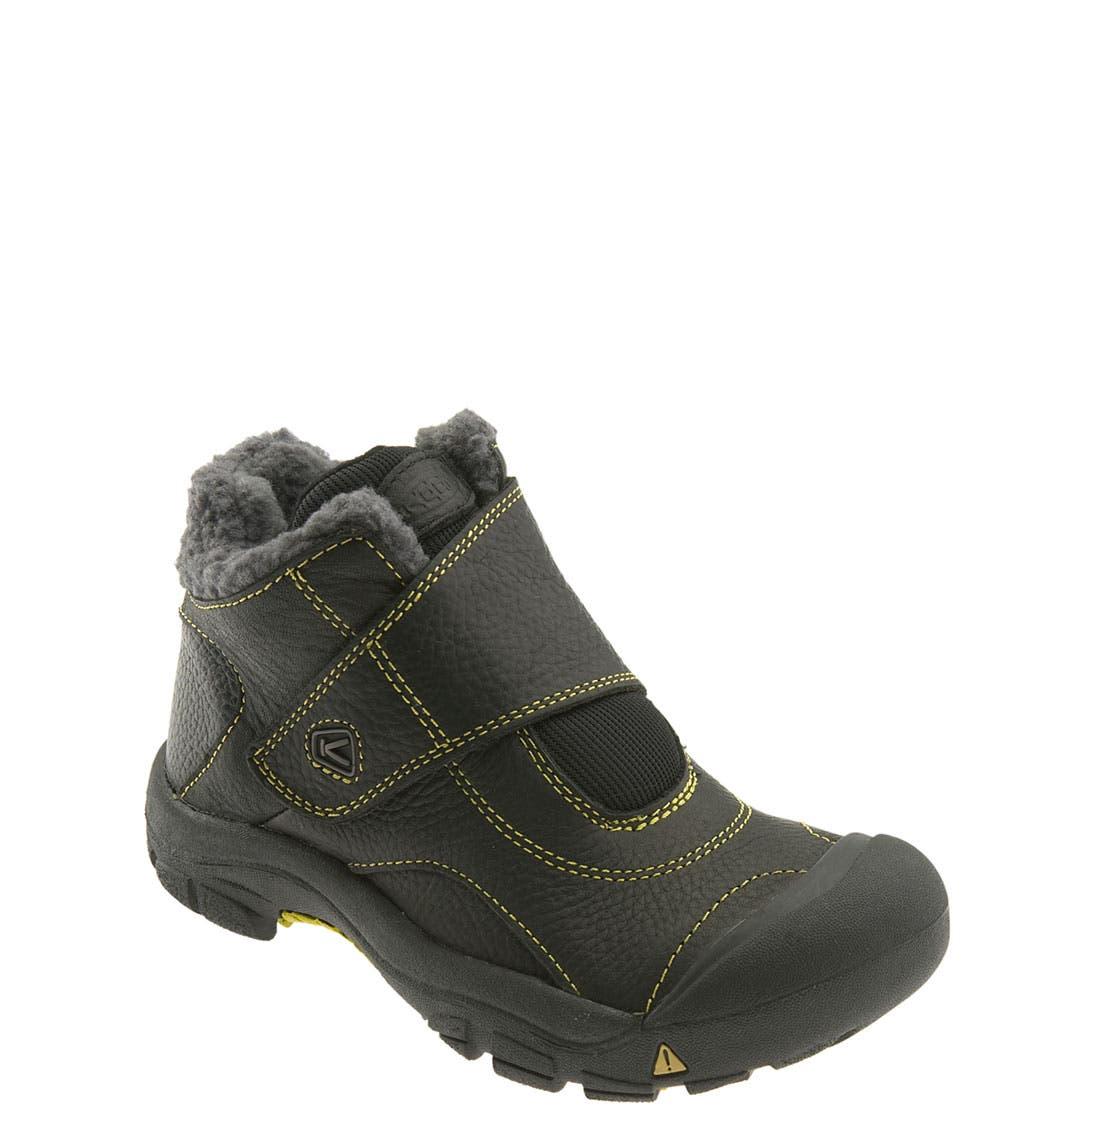 'Kootenay' Boot,                             Main thumbnail 1, color,                             Black